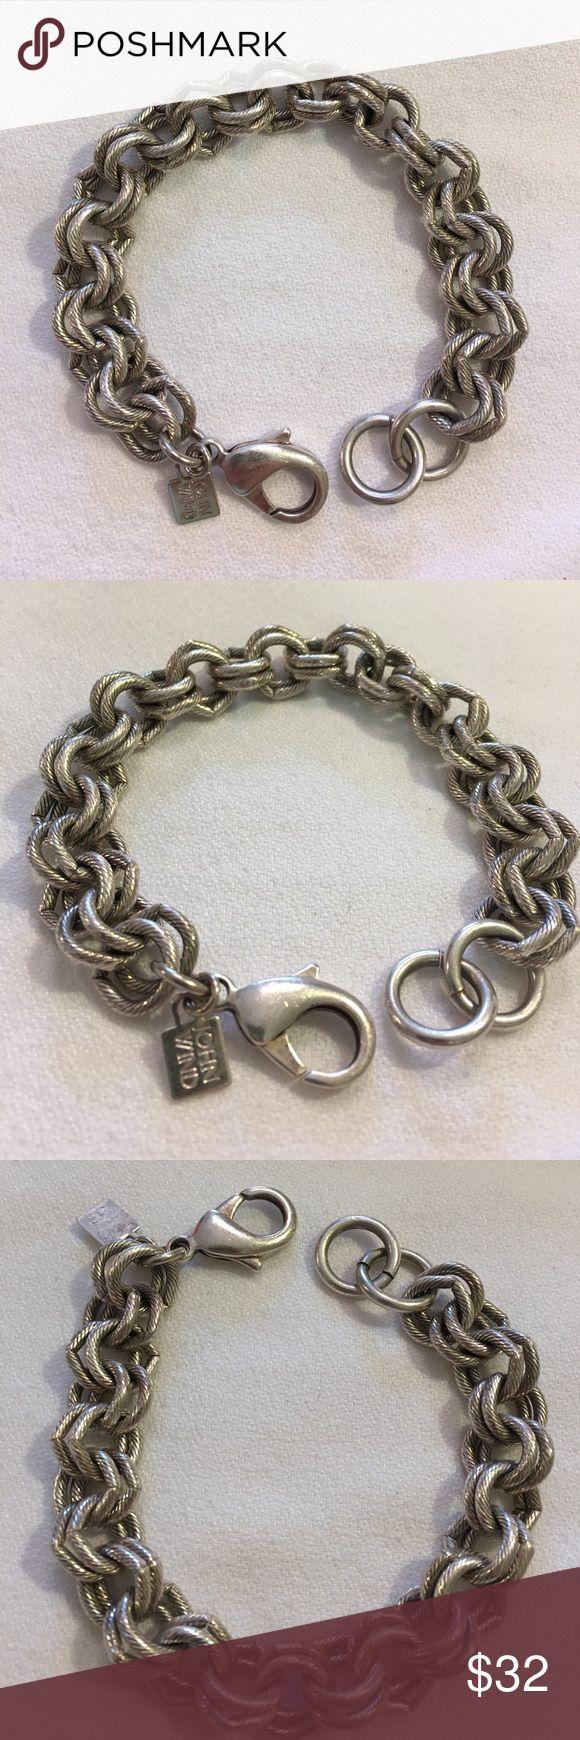 """John Wind Silvertone Charm/Sorority Bracelet 8.25"""" Worn about 10 times. No condition issues. Longest measurement is 8.25"""". John Wind Jewelry Bracelets"""